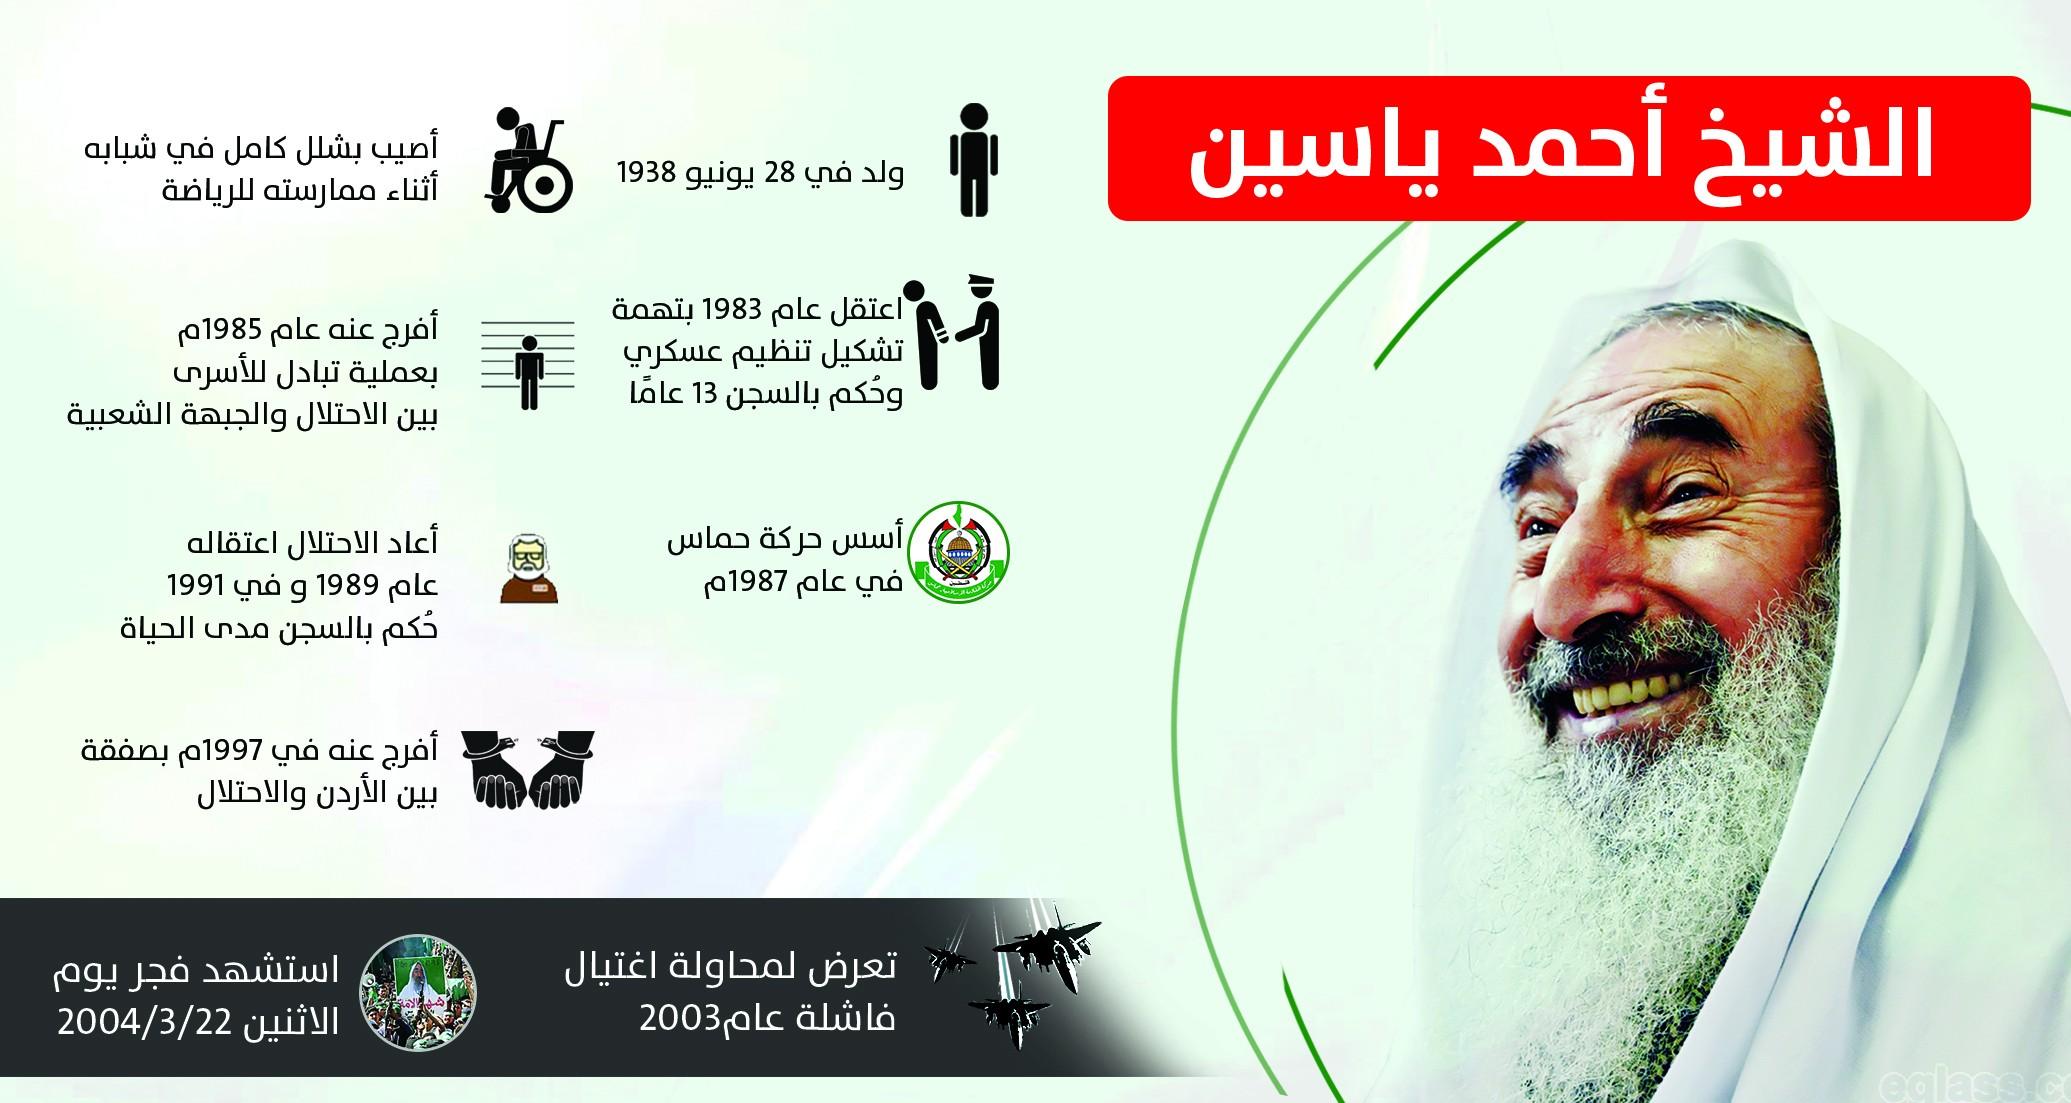 الشيخ أحمد ياسين2.jpg